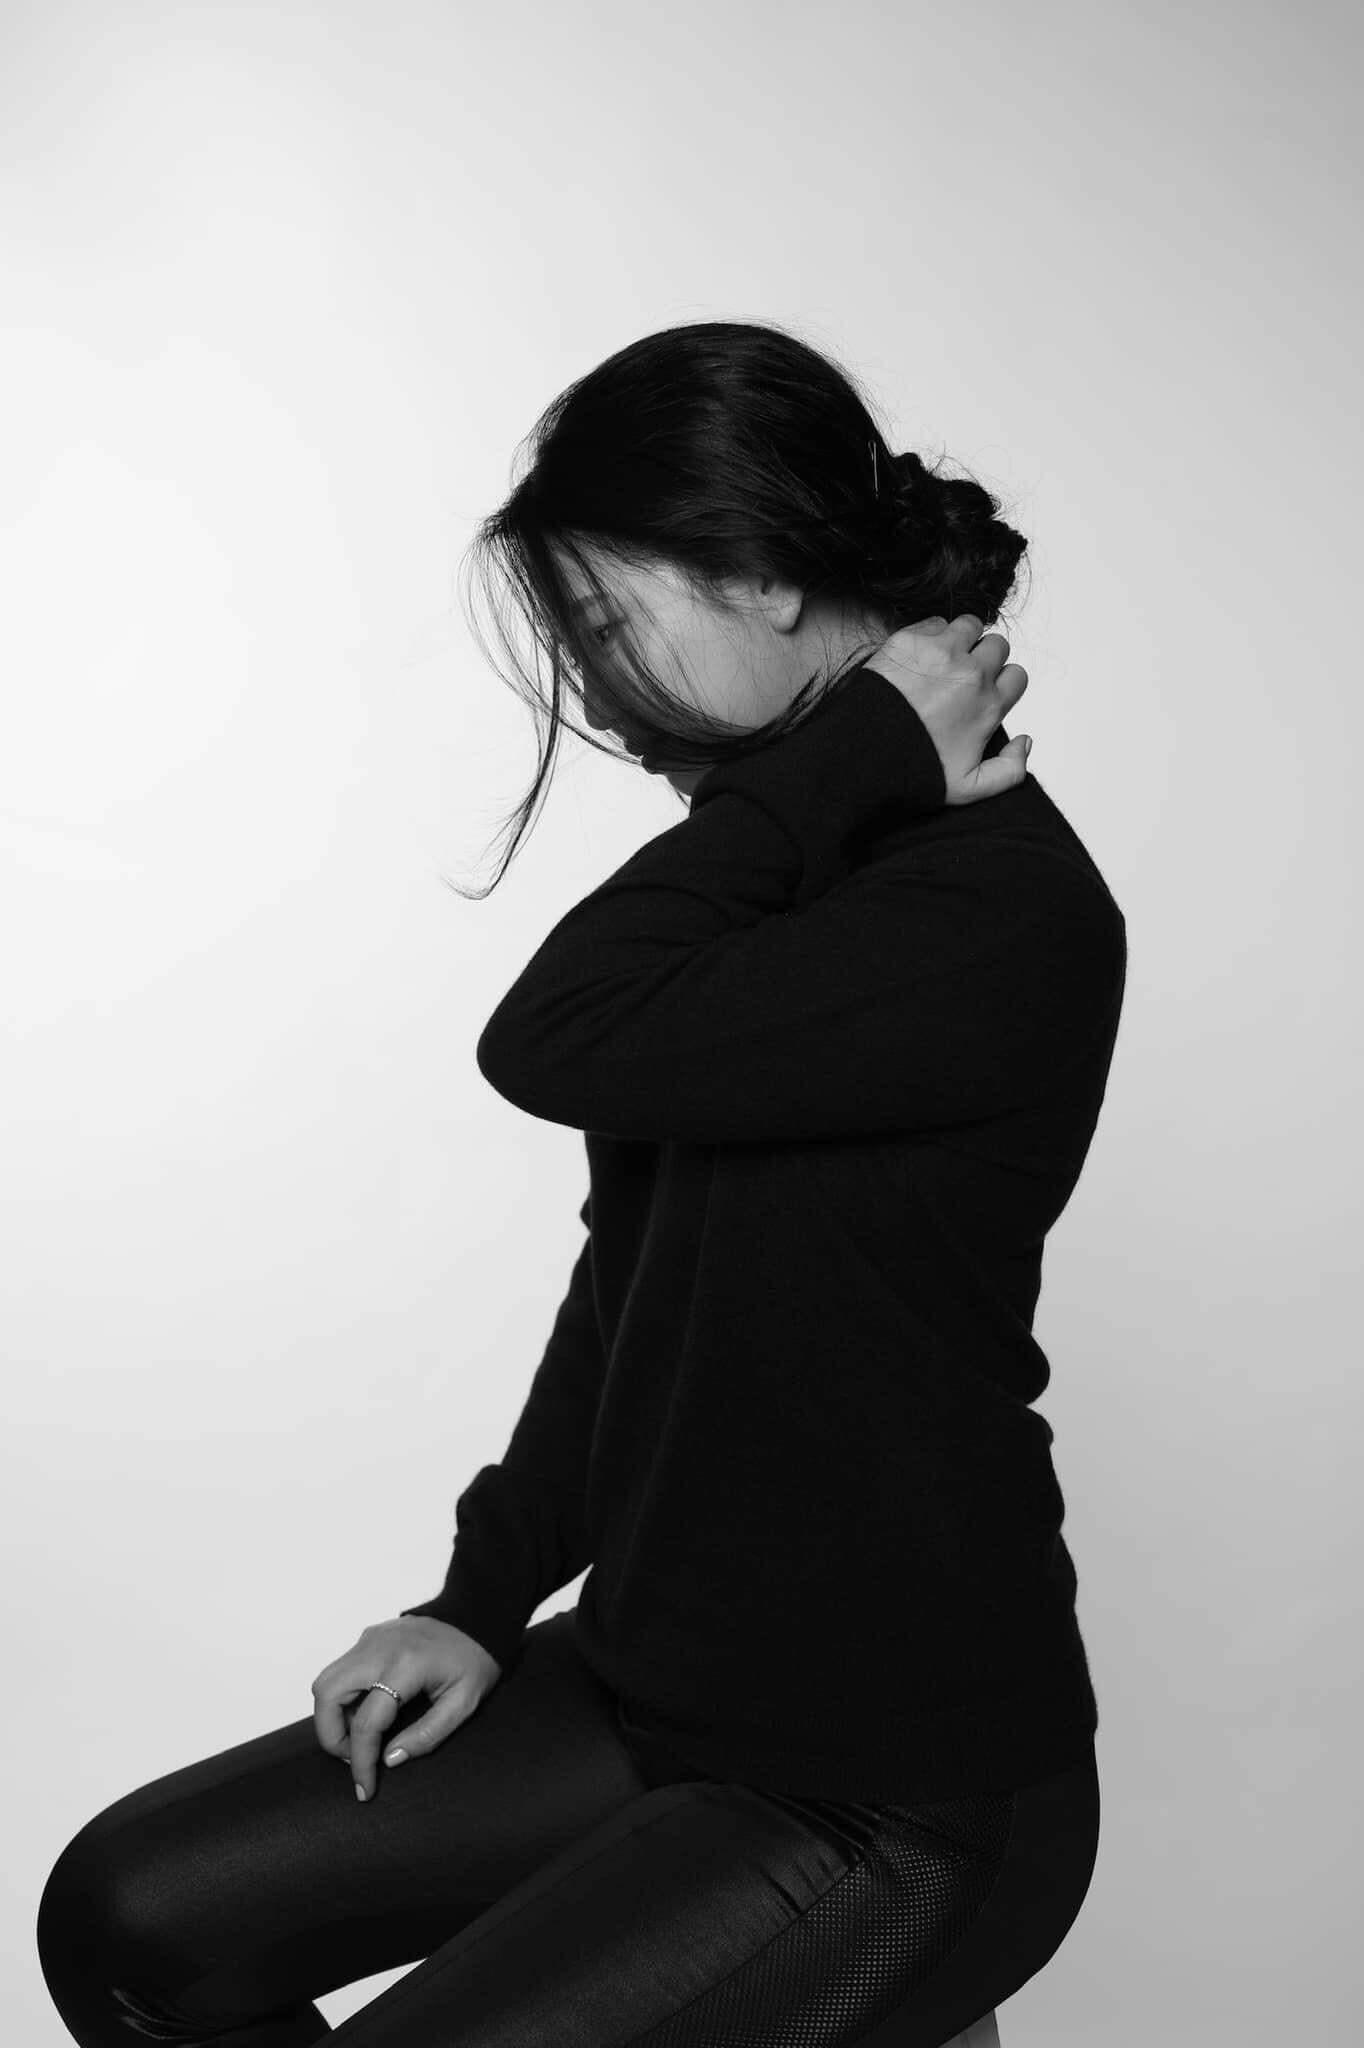 Thiếu tự tin, e ngại giao lưu tiếp xúc gần với người khác